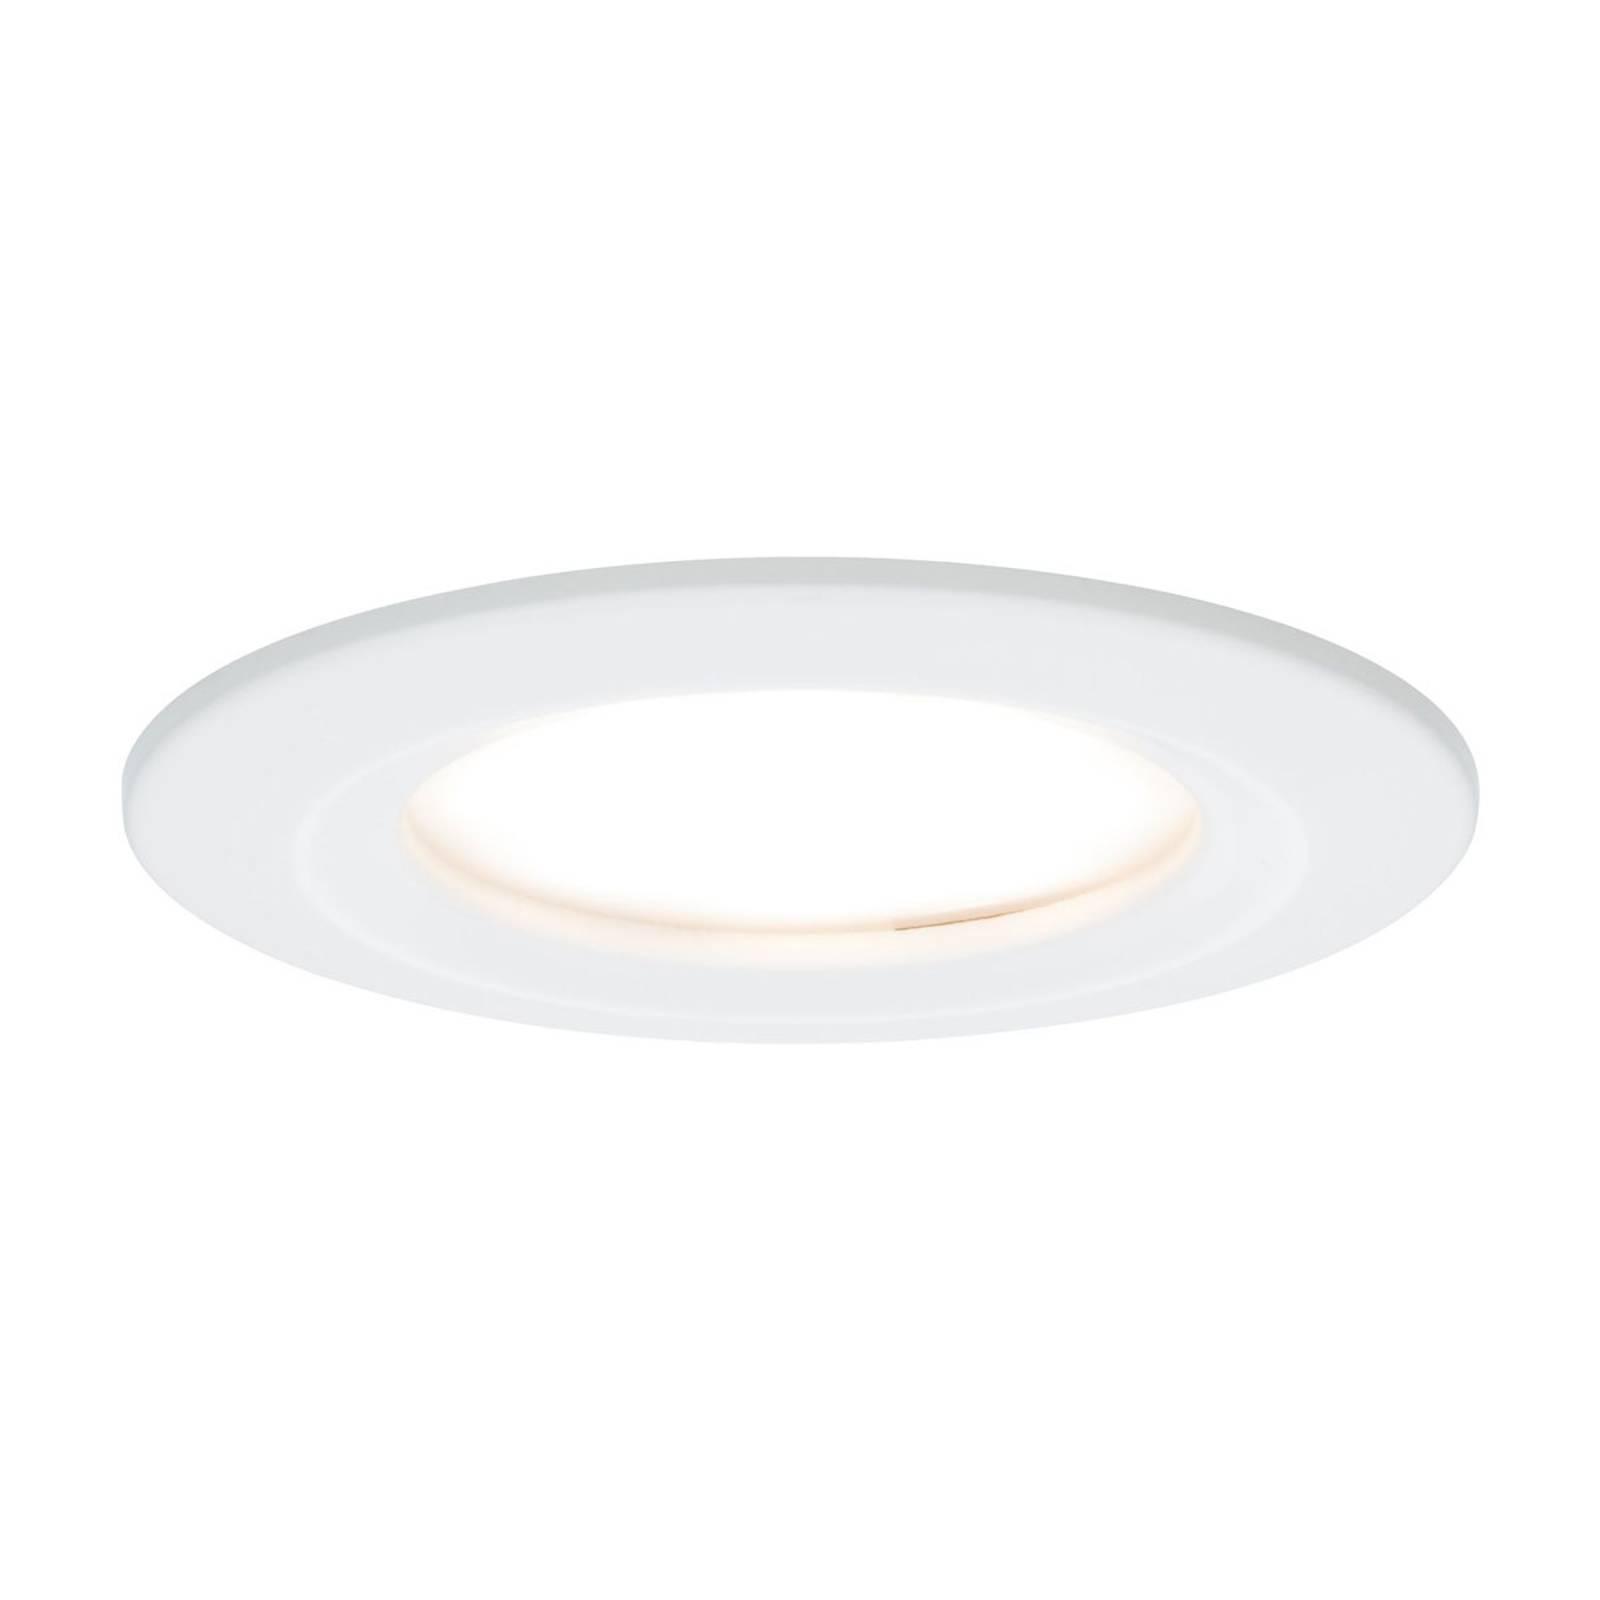 Paulmann LED-spotti Nova Coin pyöreä, valkoinen